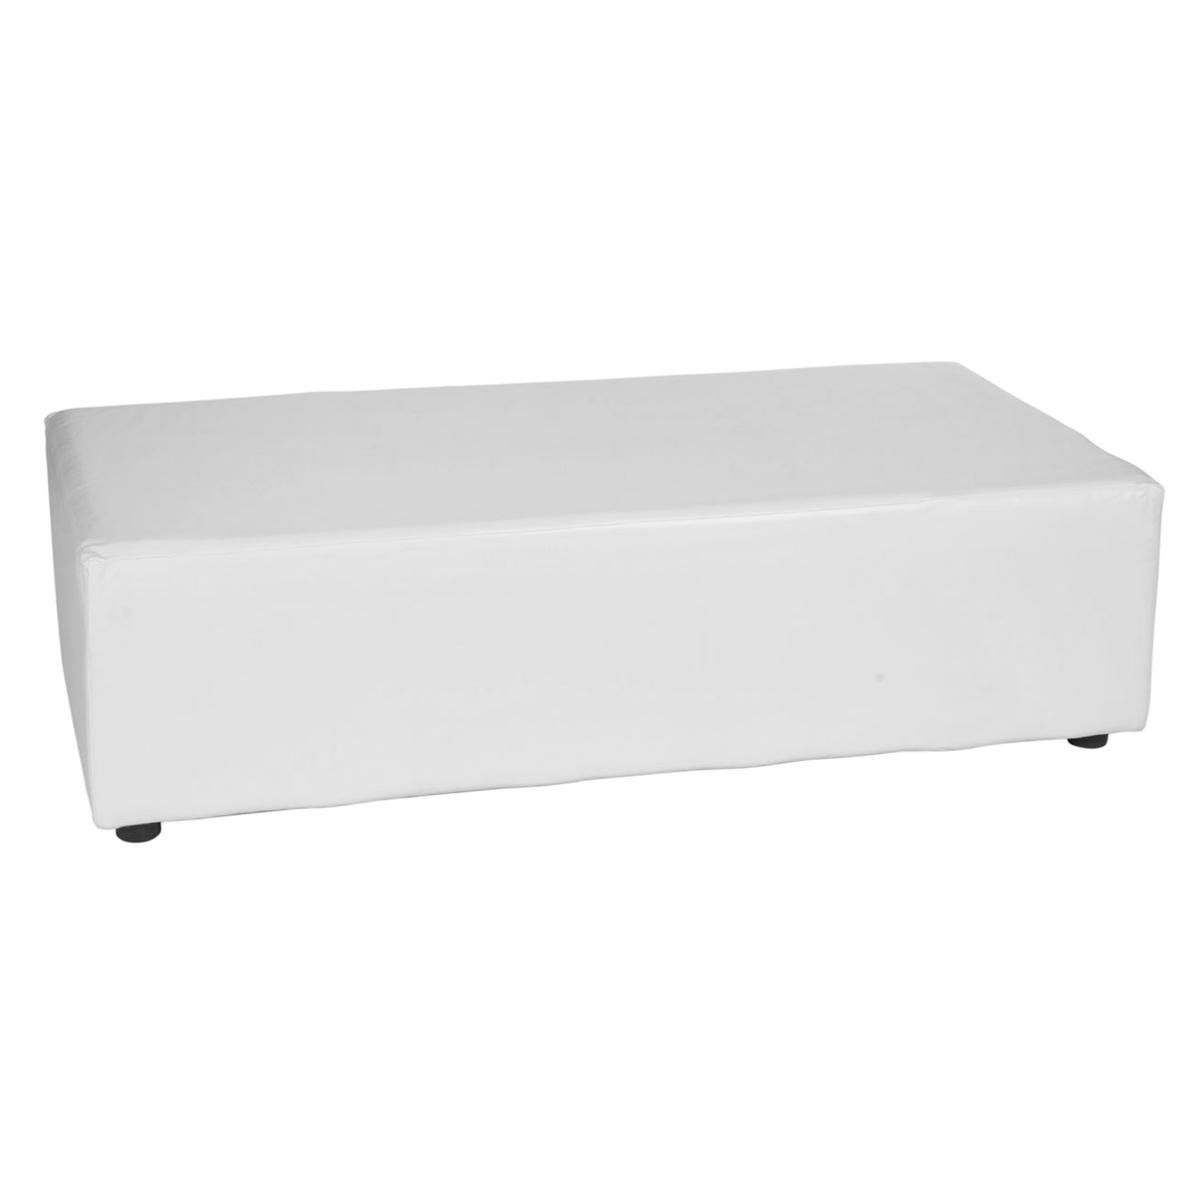 banquette lounge blanche 152x50cm hauteur 40cm abc location. Black Bedroom Furniture Sets. Home Design Ideas